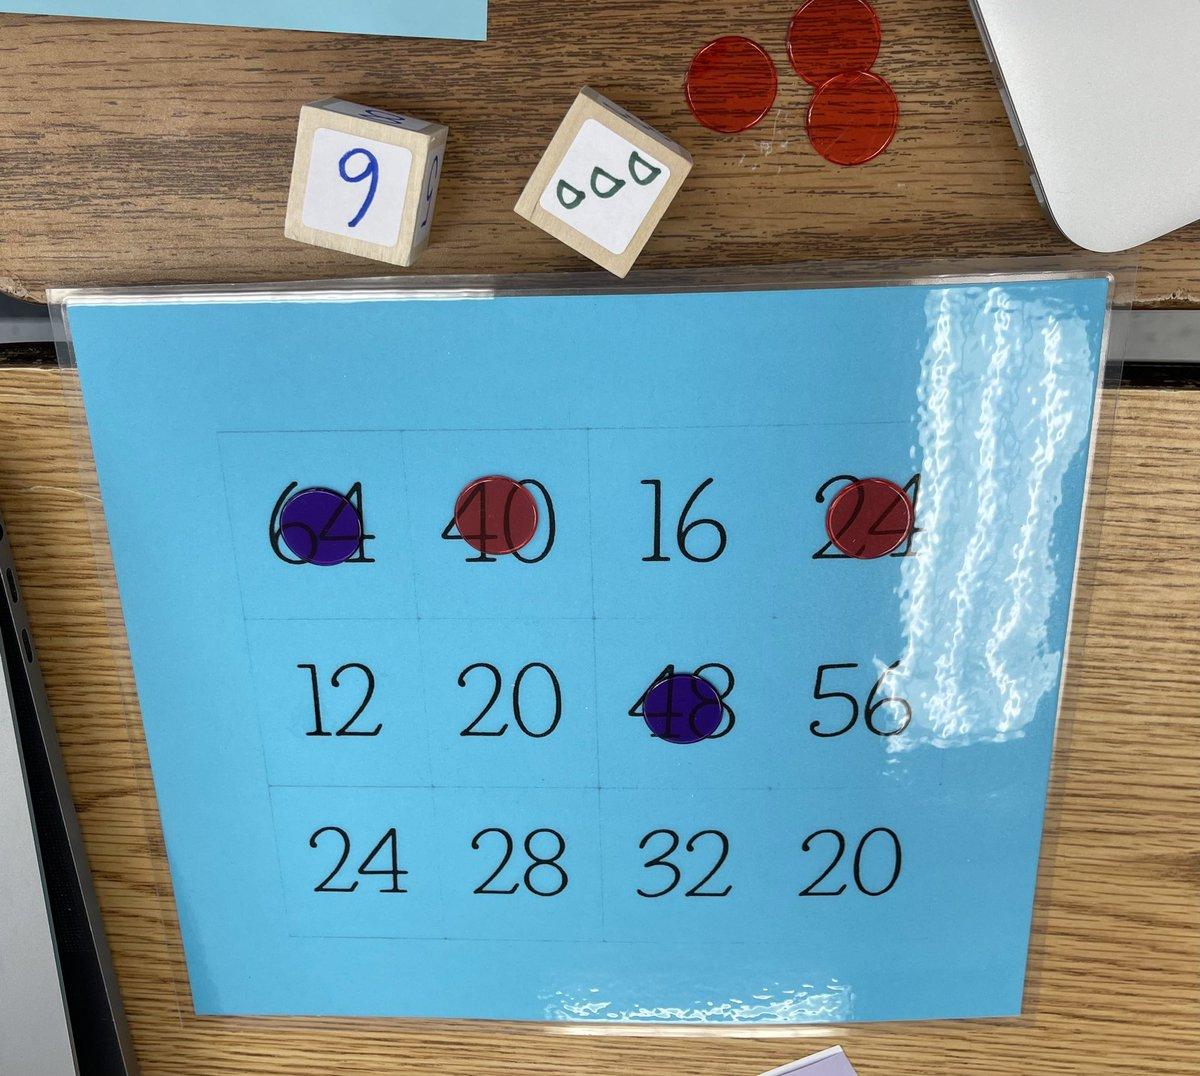 探索一些奇妙的策略(面对面和虚拟),以帮助学生解决未完成的学习并加深他们对乘法的理解。APS数学'> @APS数学https://t.co/RNevTh8vqf